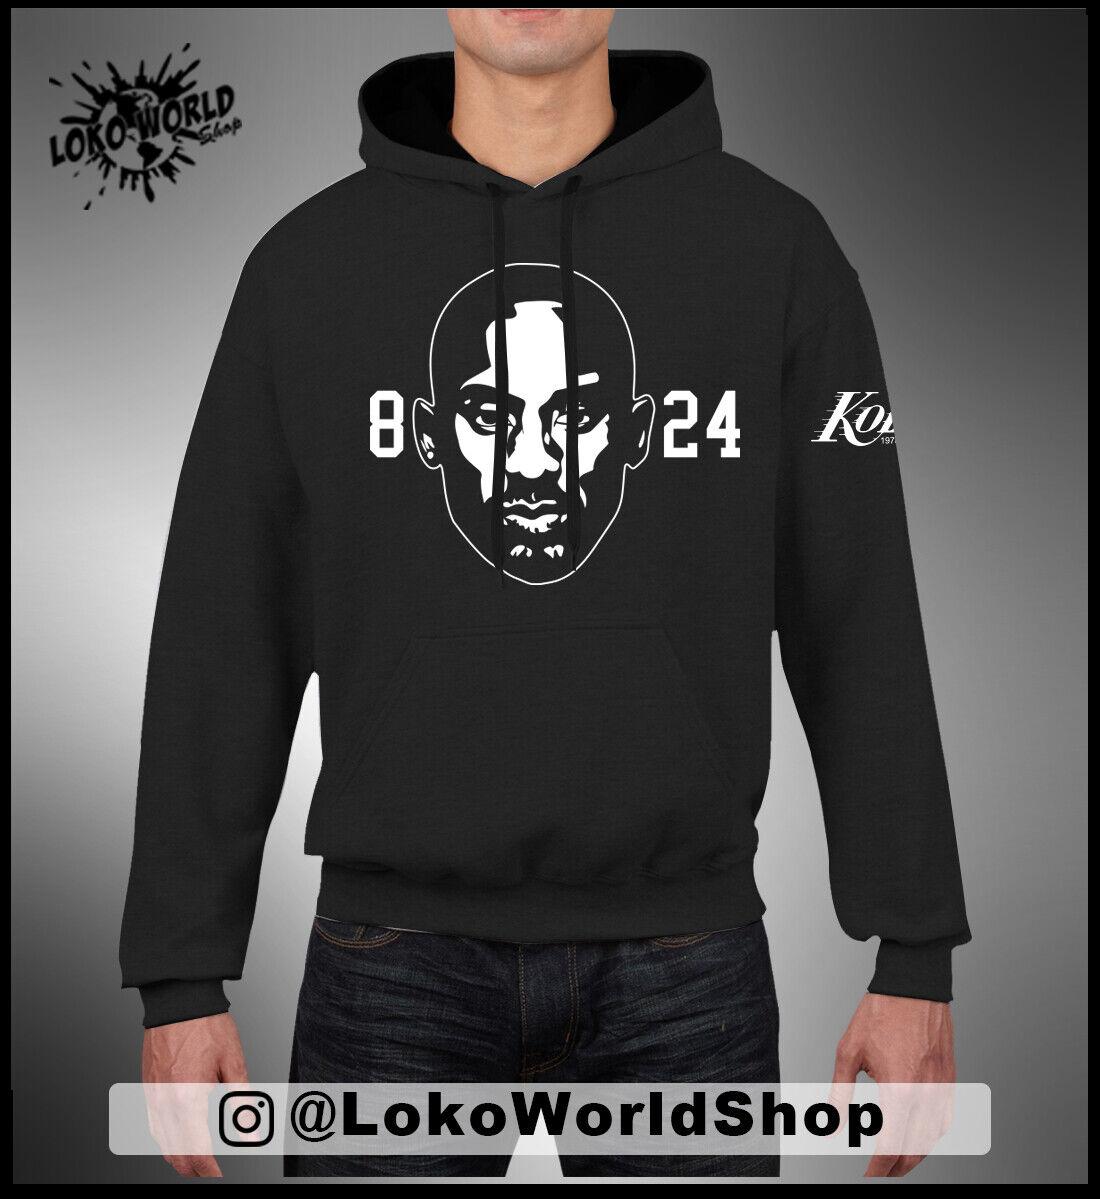 Herren Basketball Hoodie Kobe Bryant # 8 Los Angeles Lakers Hoodie Lose